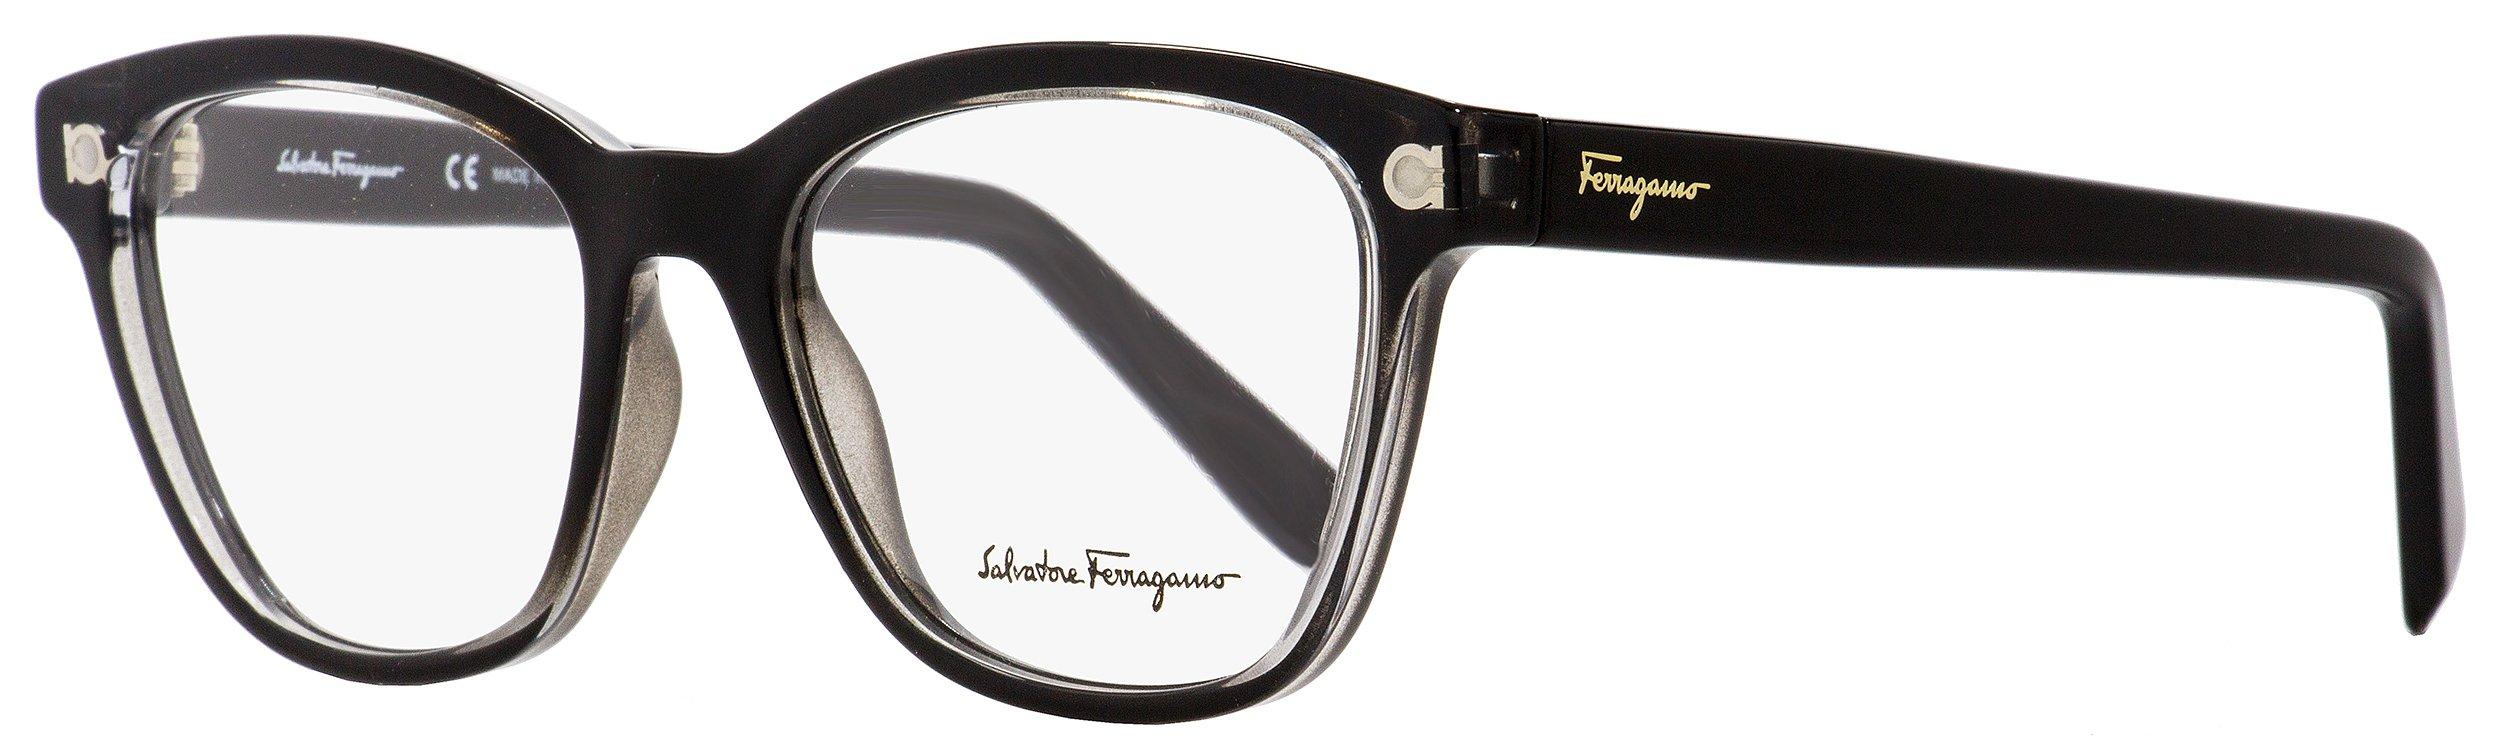 Salvatore Ferragamo Cateye Eyeglasses SF2766 001 Shiny Black/Clear 53mm 2766 by Salvatore Ferragamo